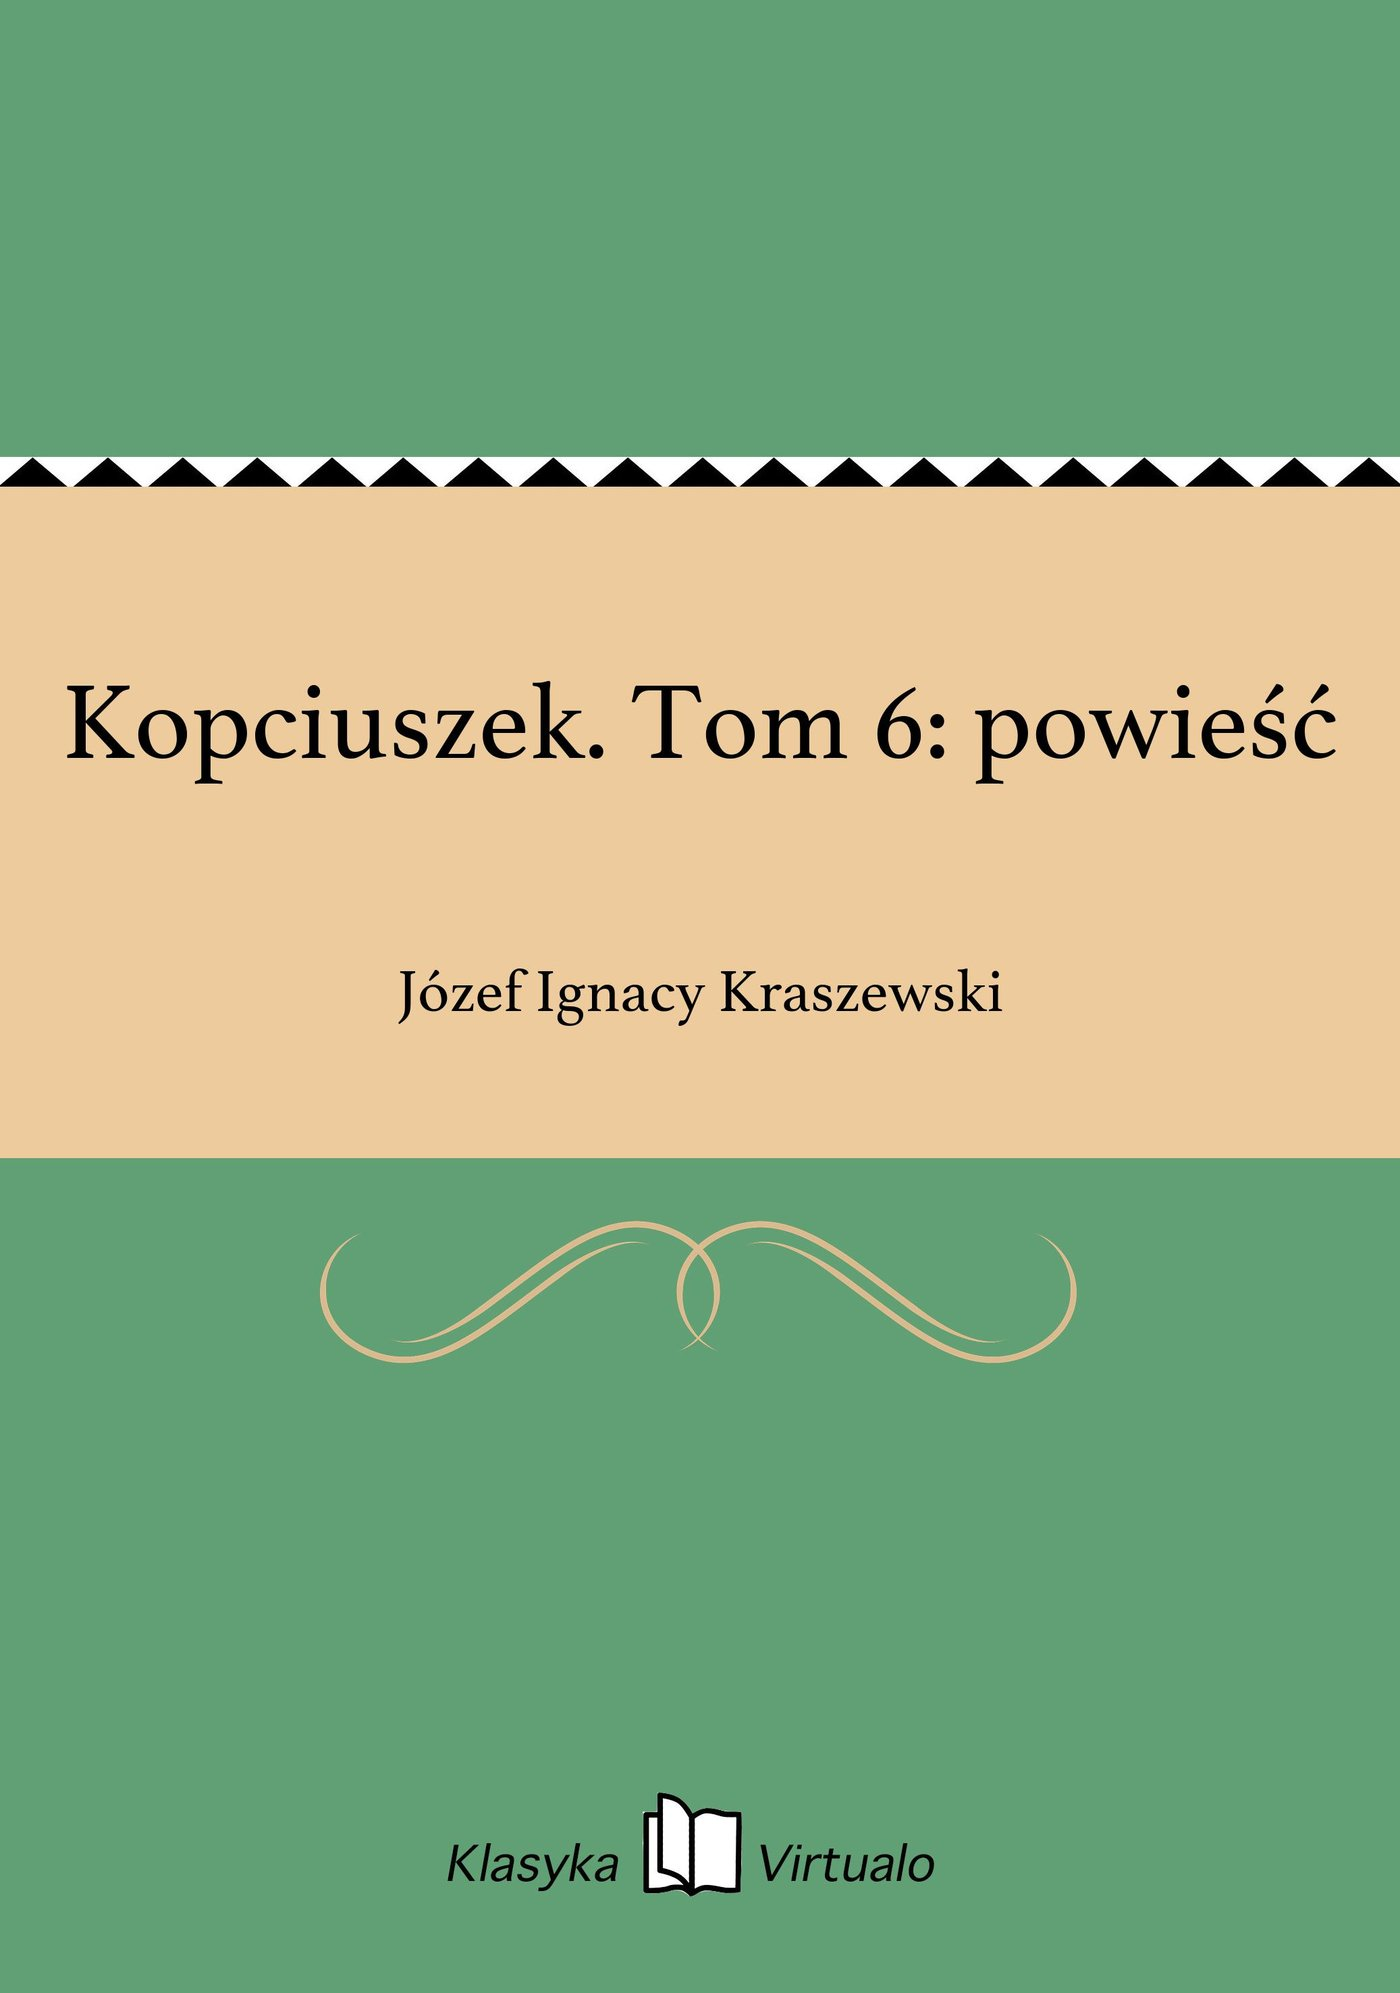 Kopciuszek. Tom 6: powieść - Ebook (Książka EPUB) do pobrania w formacie EPUB